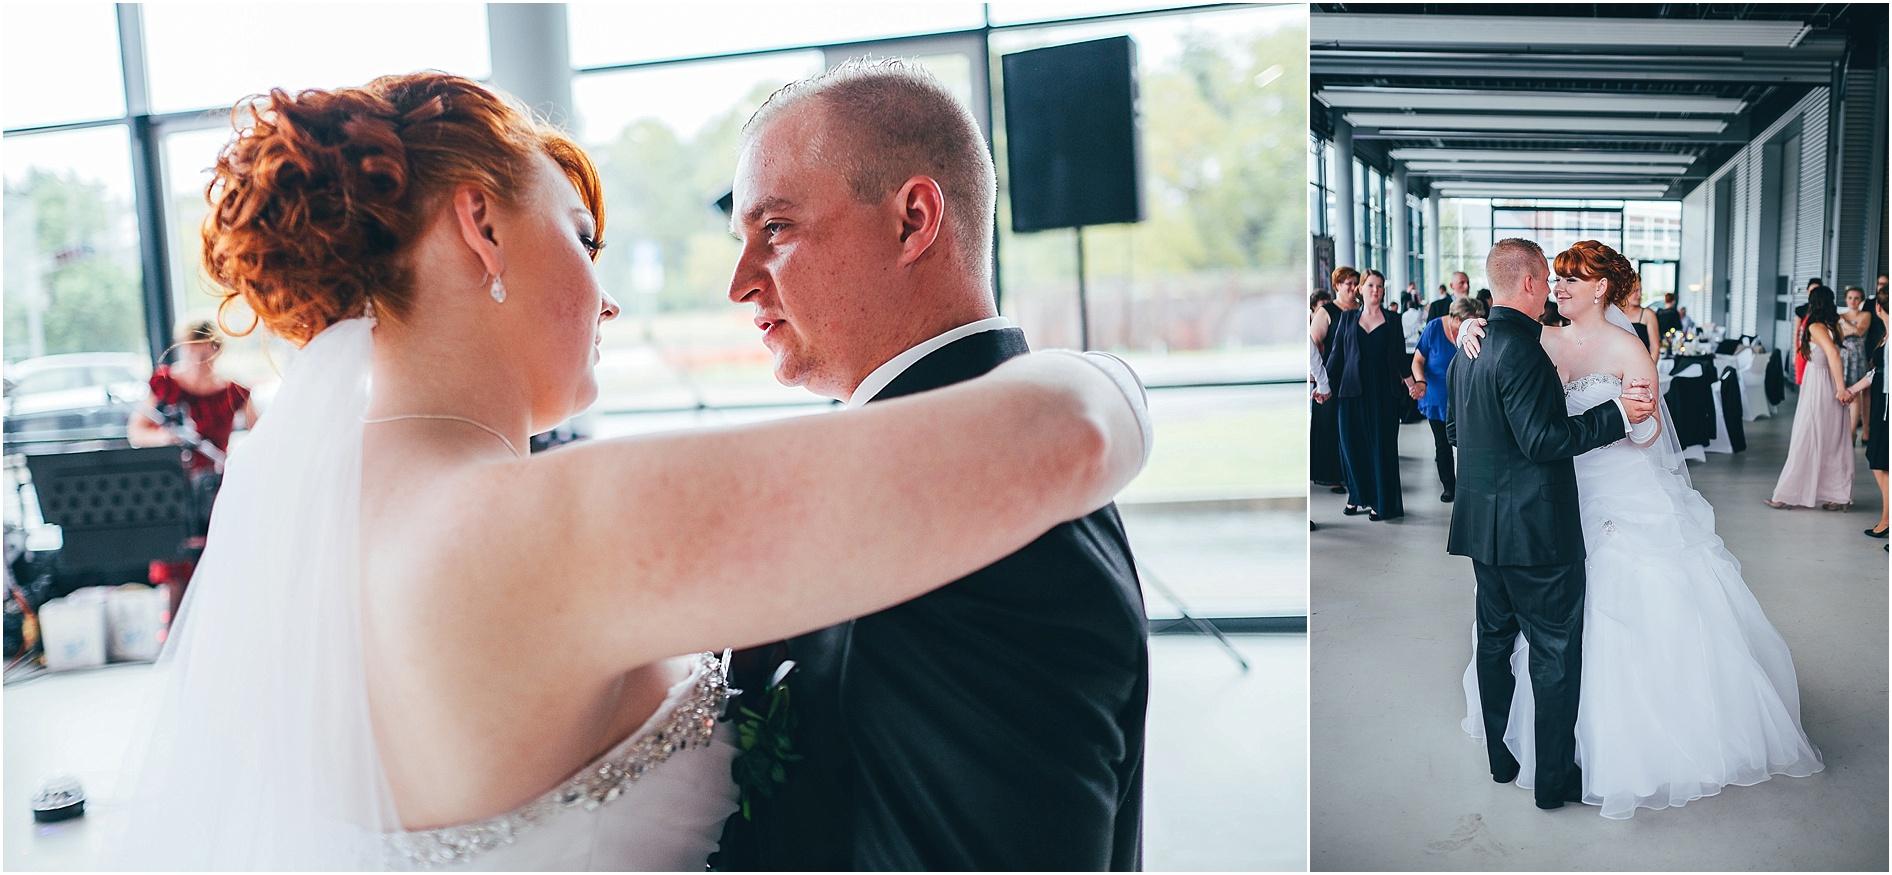 2014-11-20_0115 Lora & Daniel - Als Hochzeitsfotograf in Lüneburg